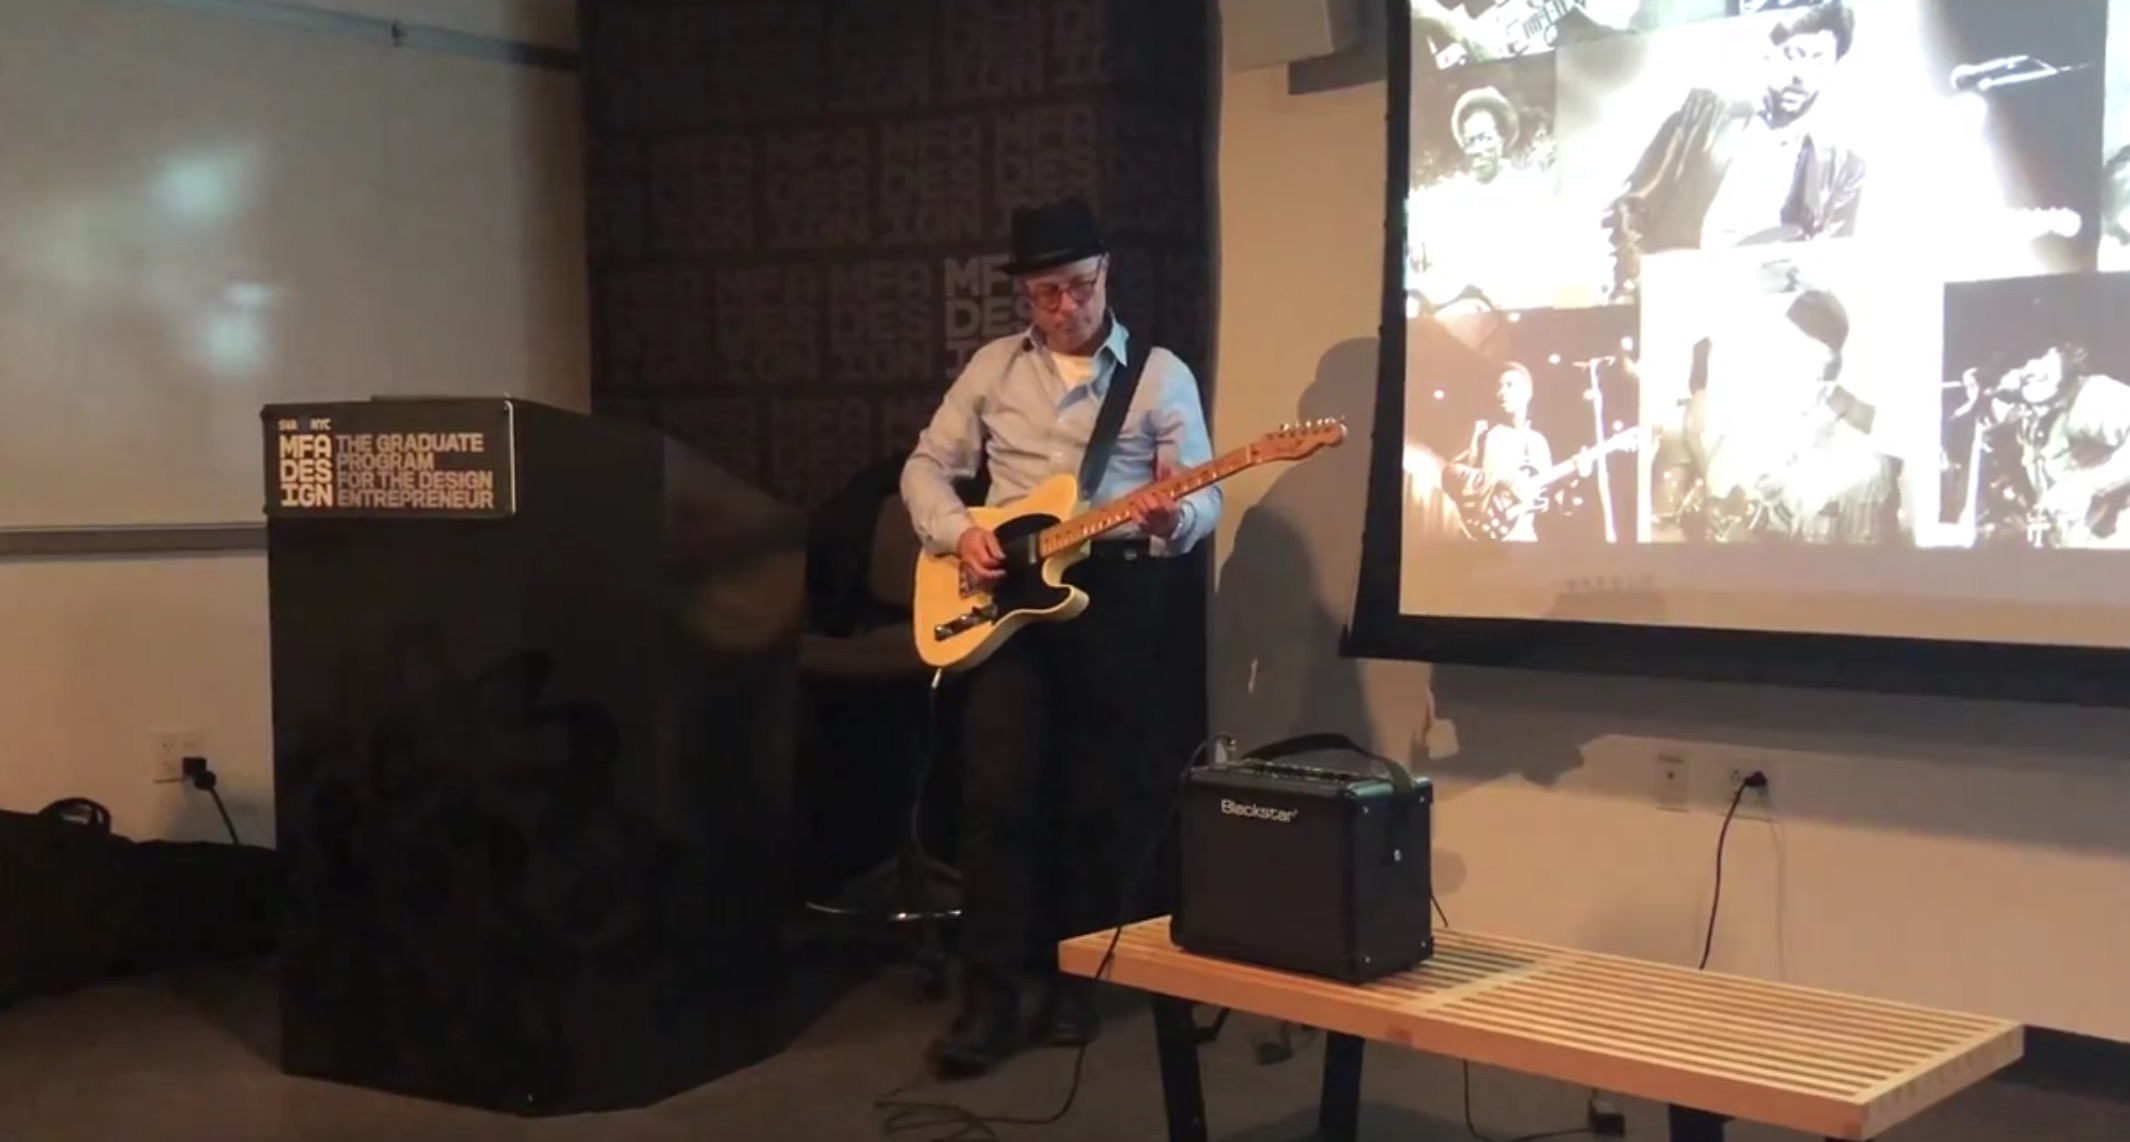 image of Ken Carbone playing guitar